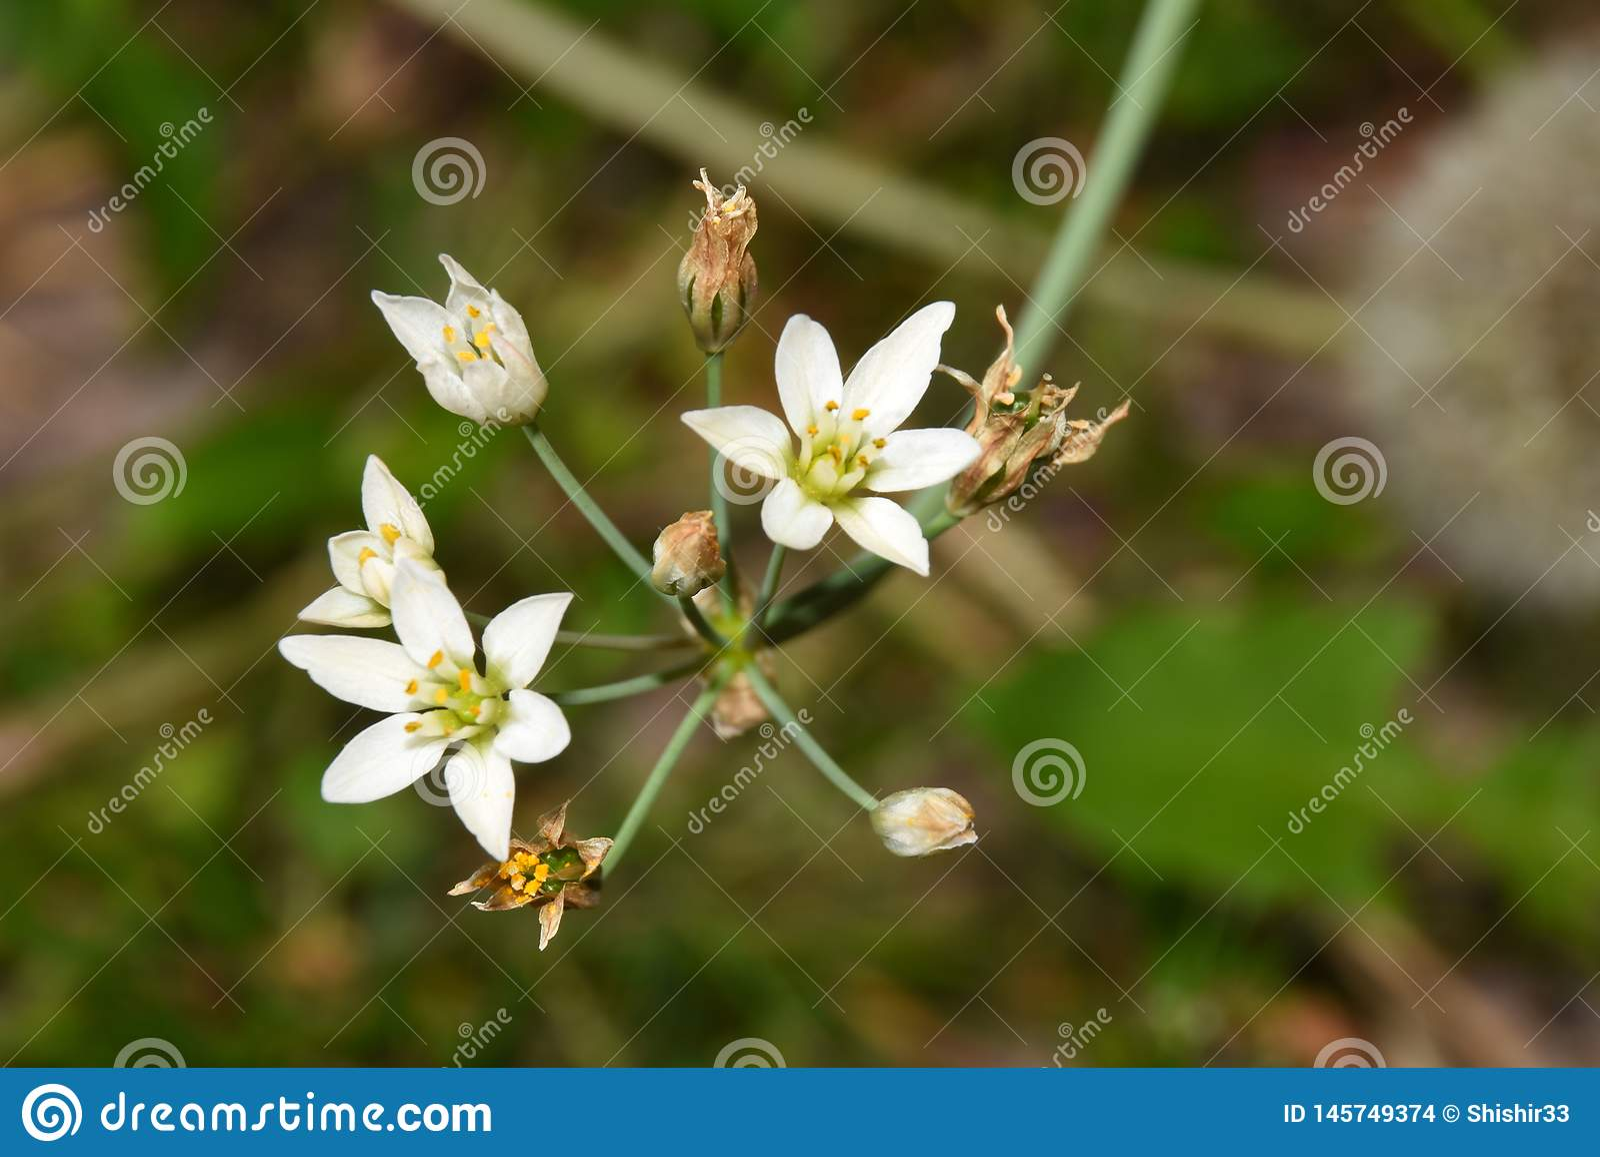 Macrospruit van bloemen die in mijn tuin, zijn close-upschot groeien